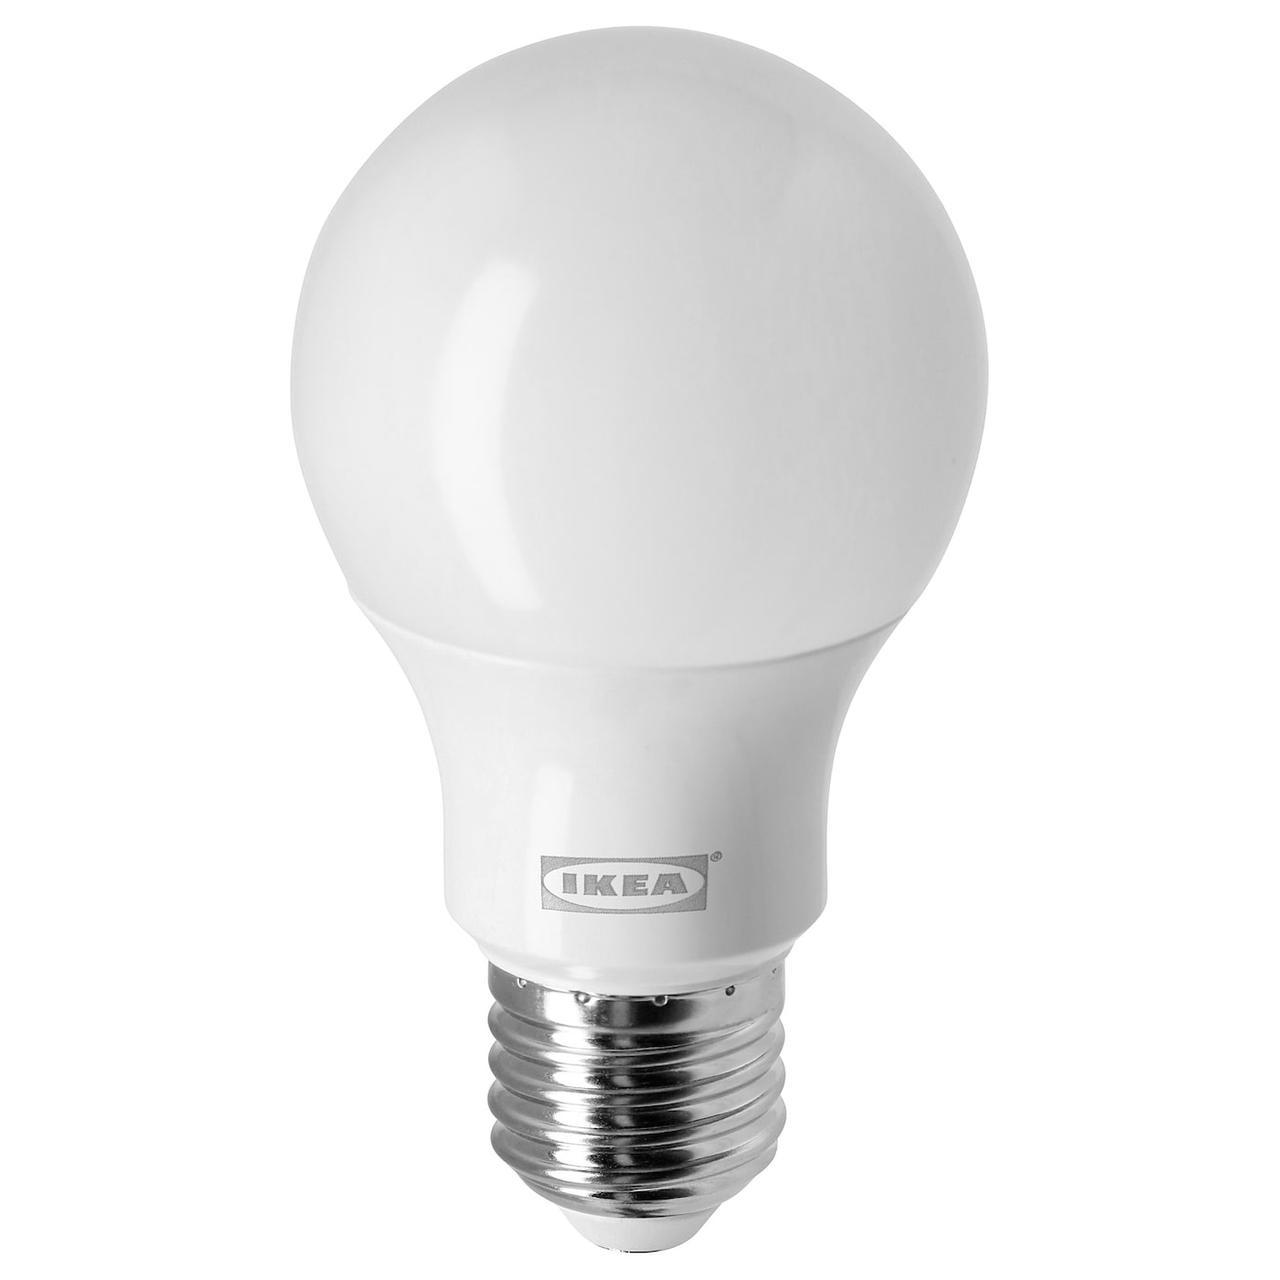 IKEA RYET (204.387.07) LED лампа E27 470 лм, кругла молочний